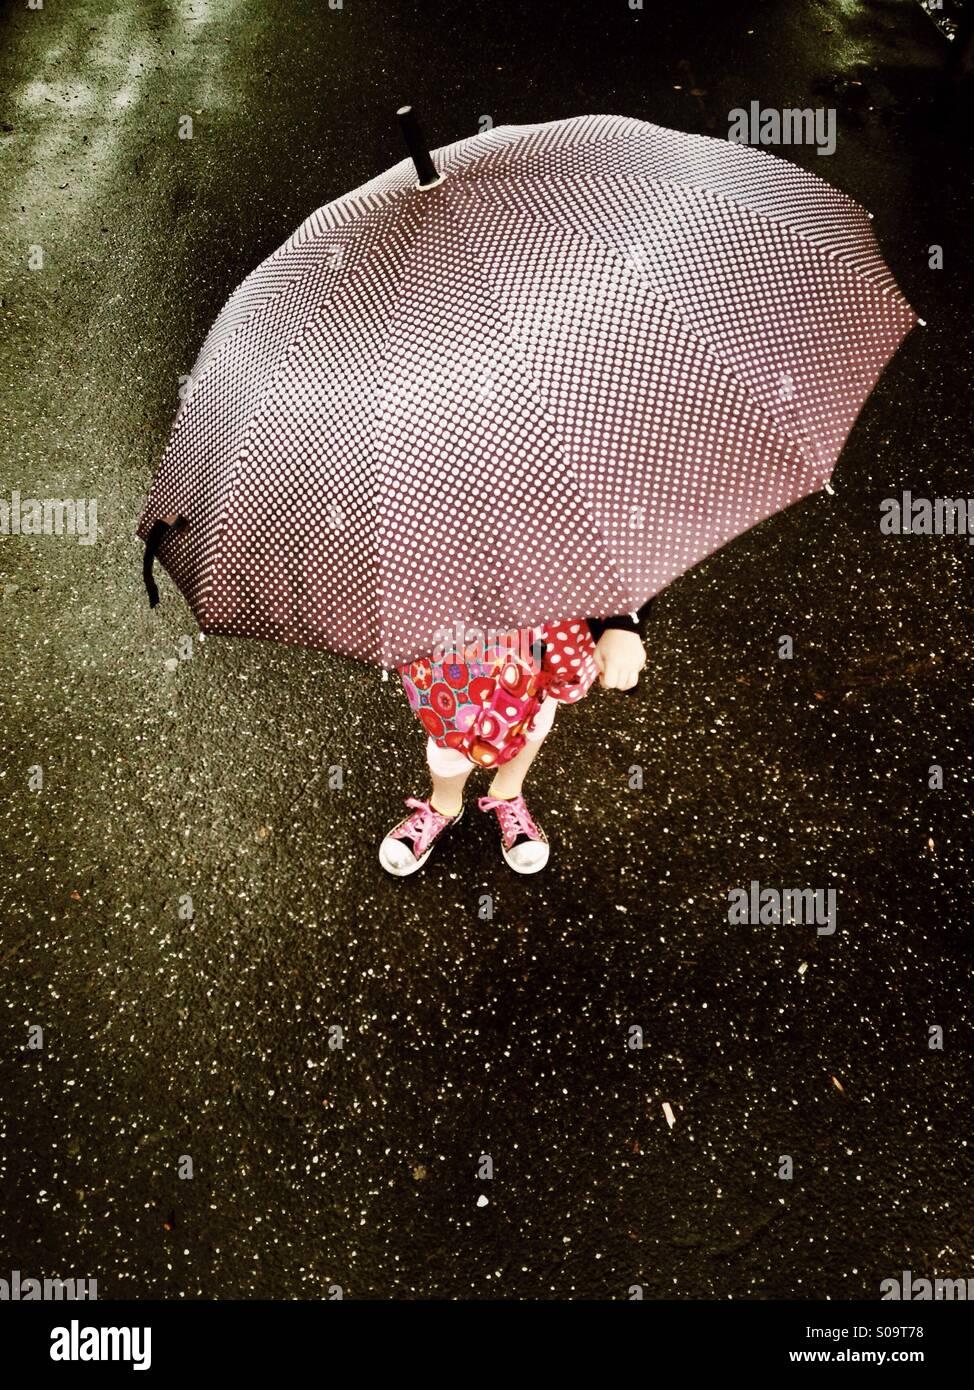 Petite fille sous un parapluie Photo Stock